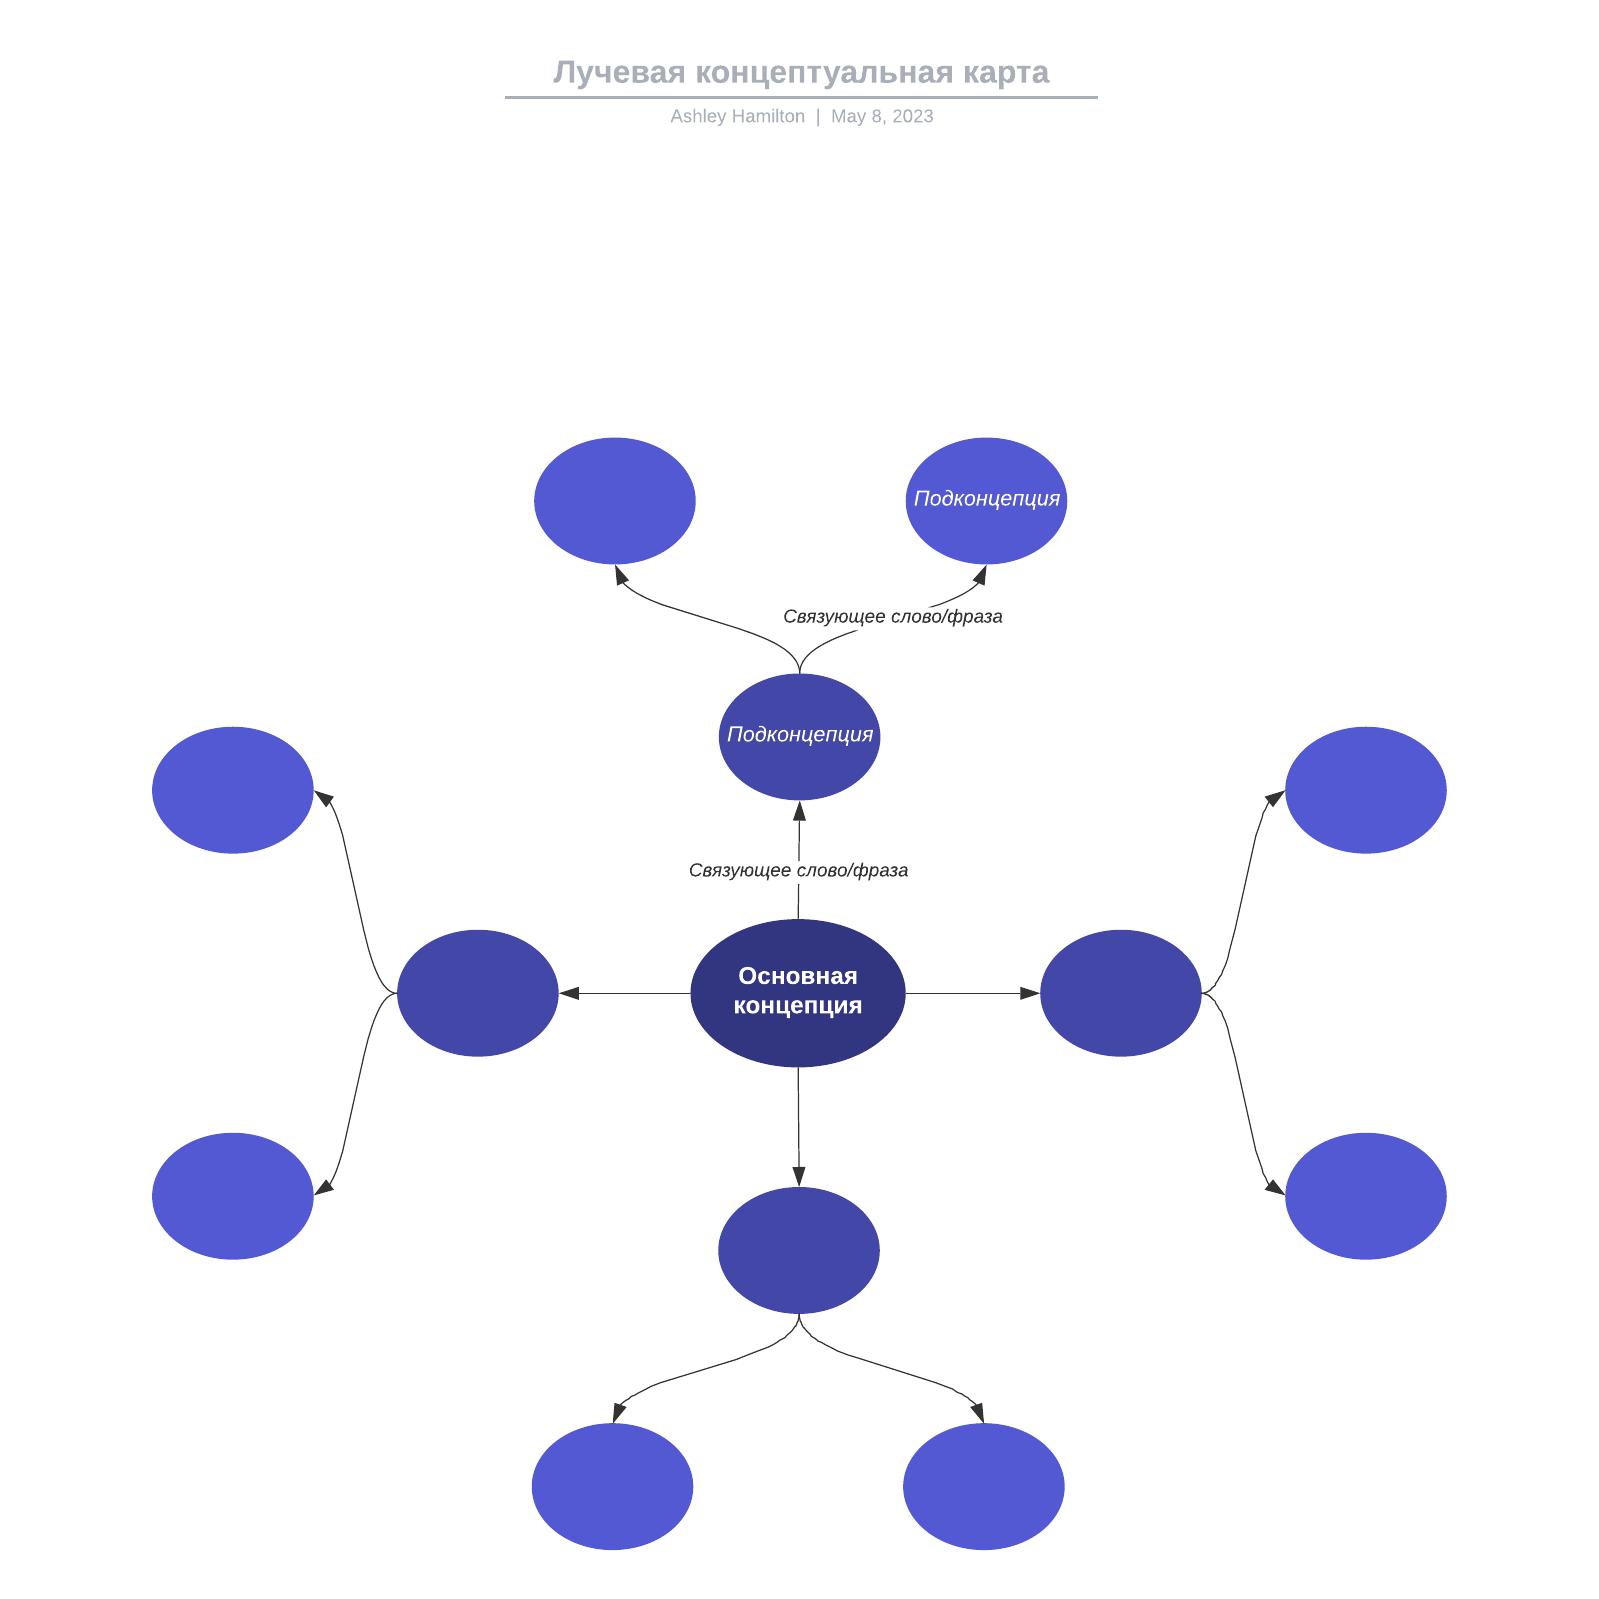 Лучевая концептуальная карта